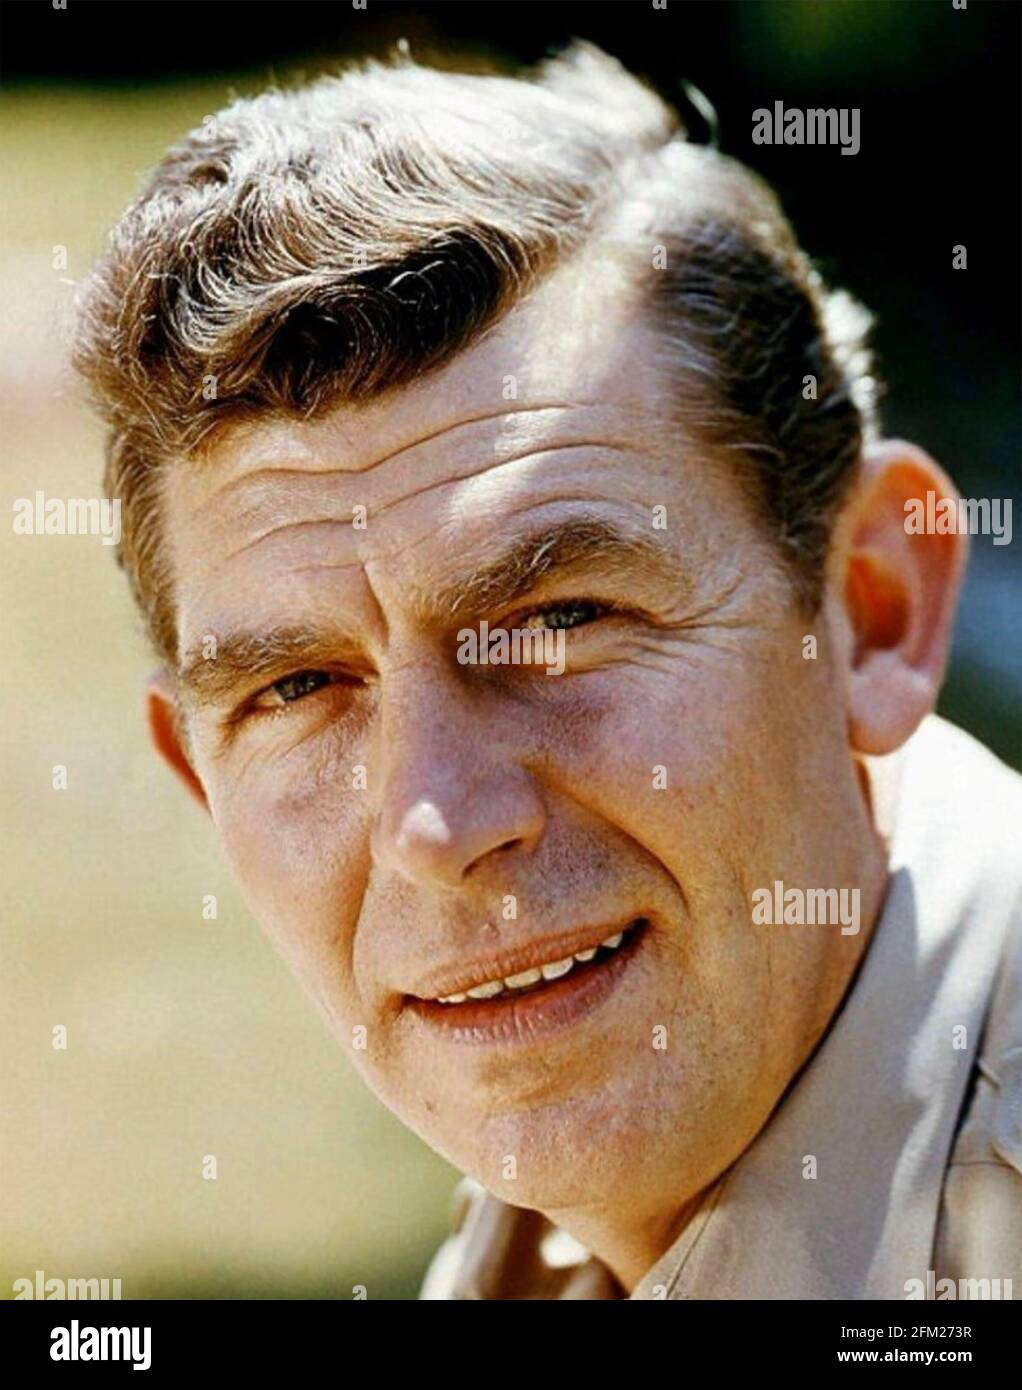 ANDY GRIFFITH (1926-2012) acteur et producteur de films américains 1960 Banque D'Images